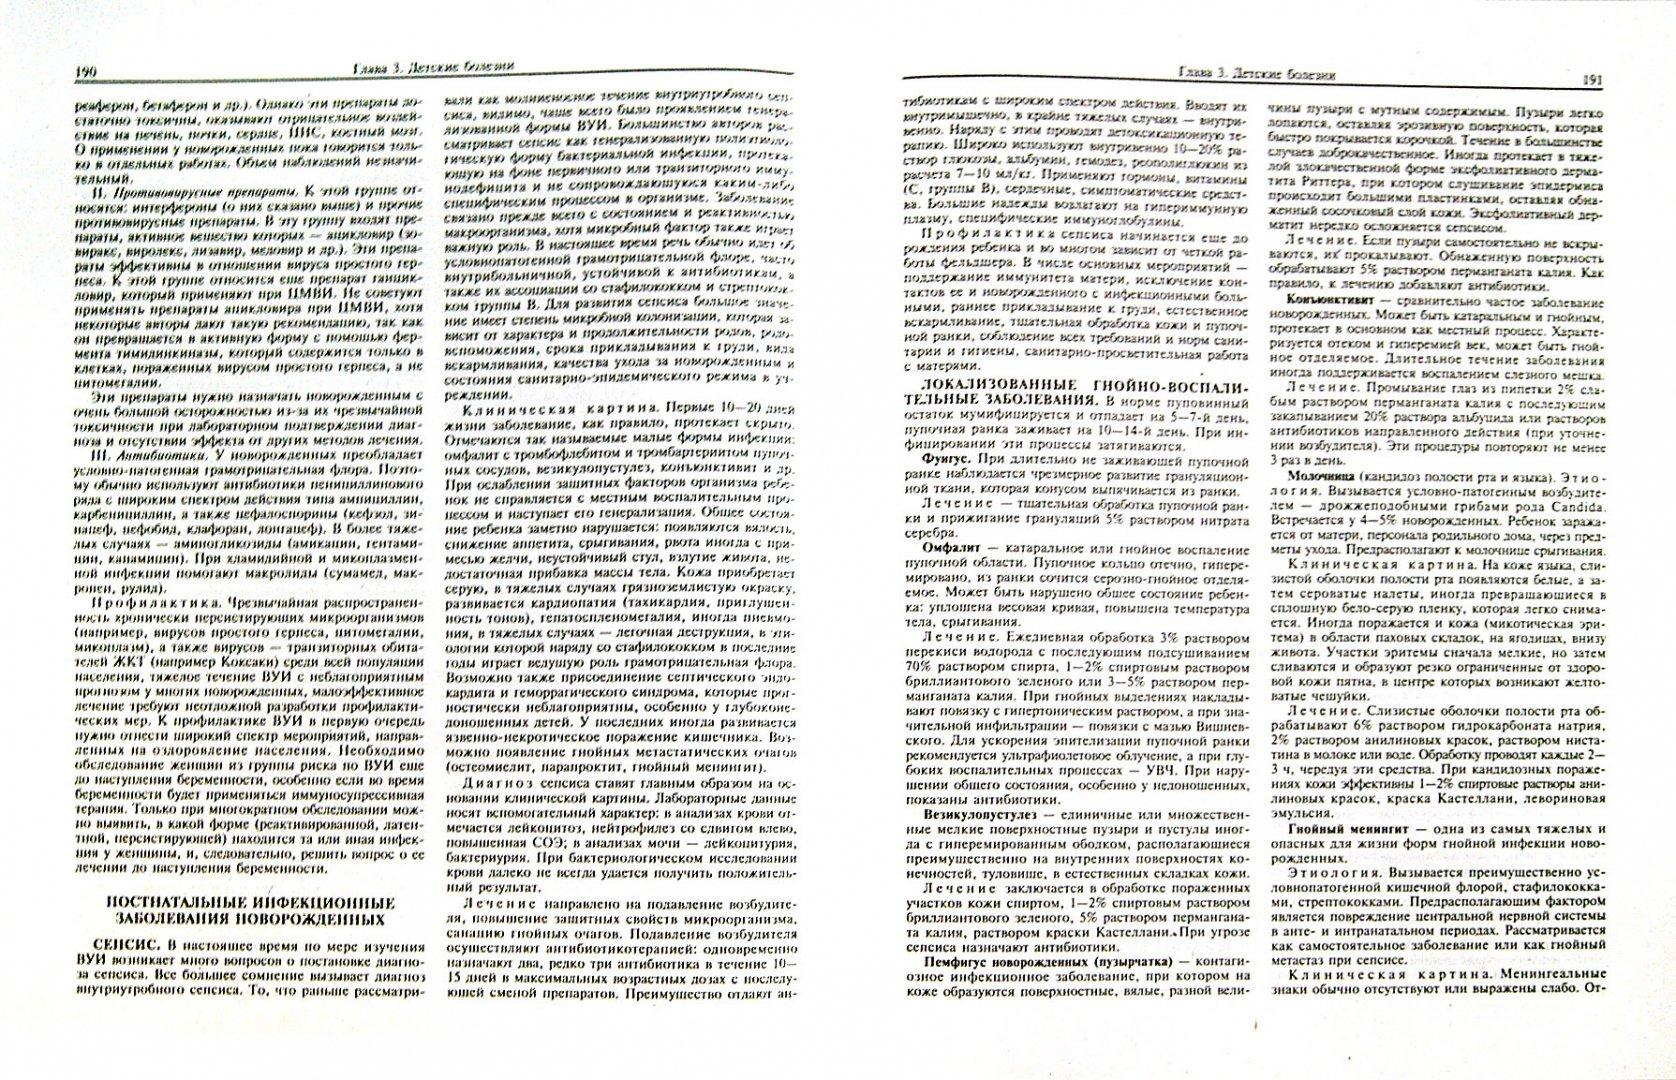 Иллюстрация 1 из 12 для Справочник фельдшера - Михайлов, Исаева, Турьянов   Лабиринт - книги. Источник: Лабиринт